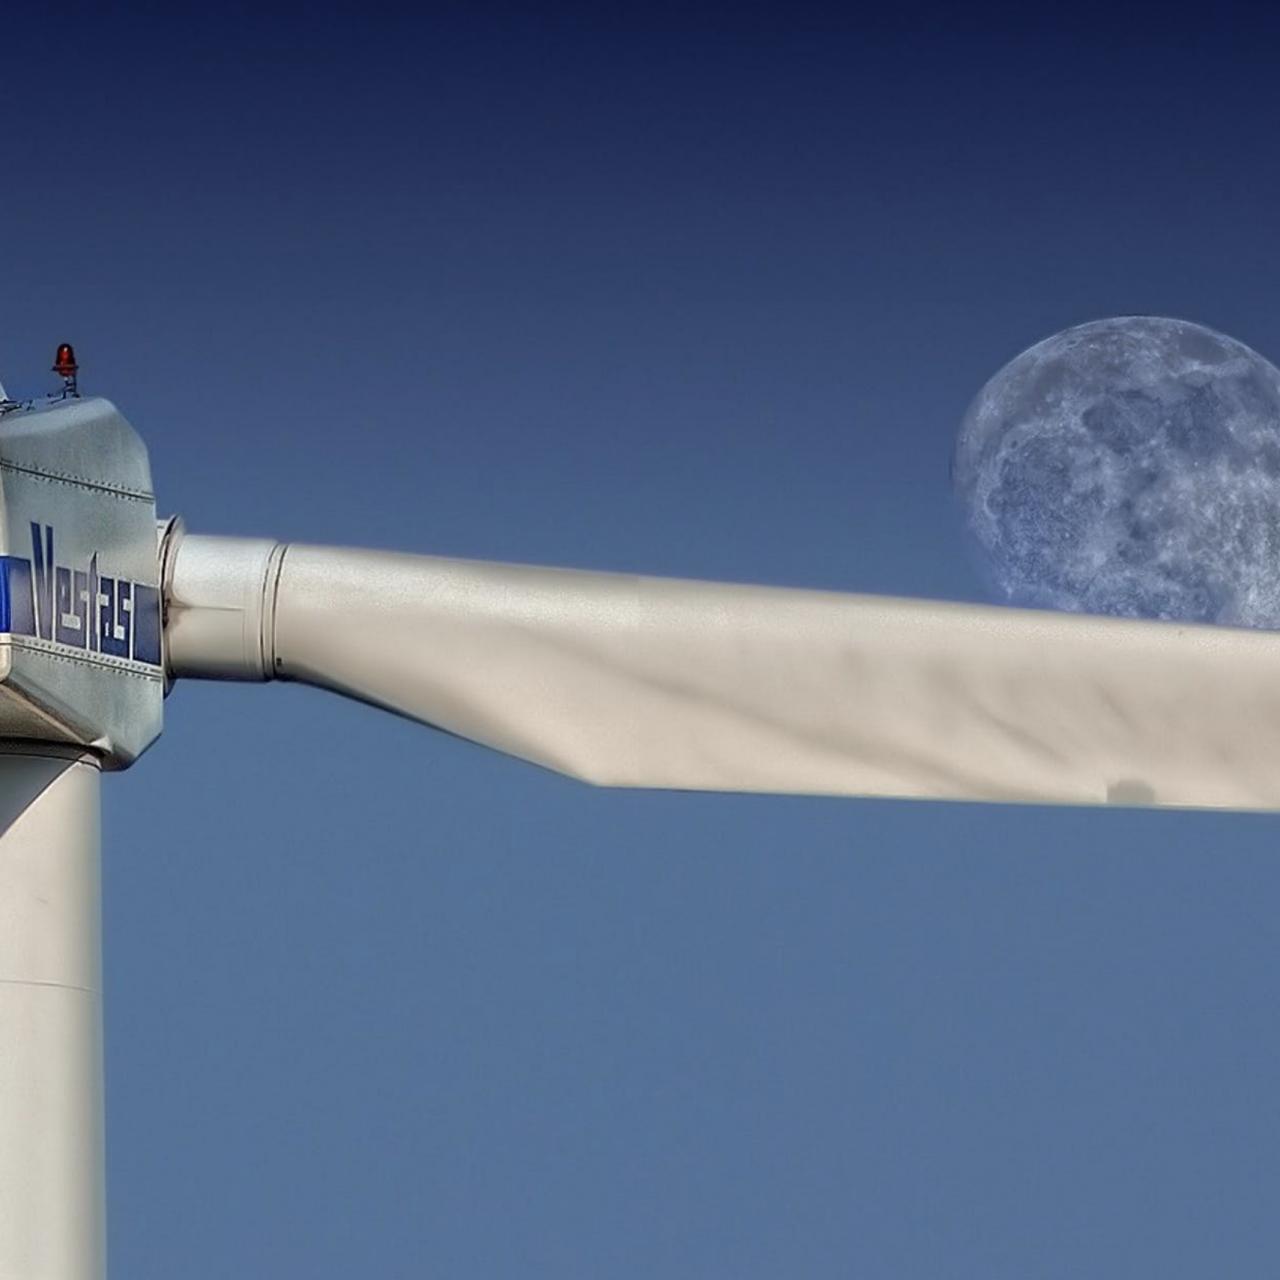 Egypte : La région du Golf de Suez accueillera une centrale éolienne supplémentaire d'une capacité de 250 MW